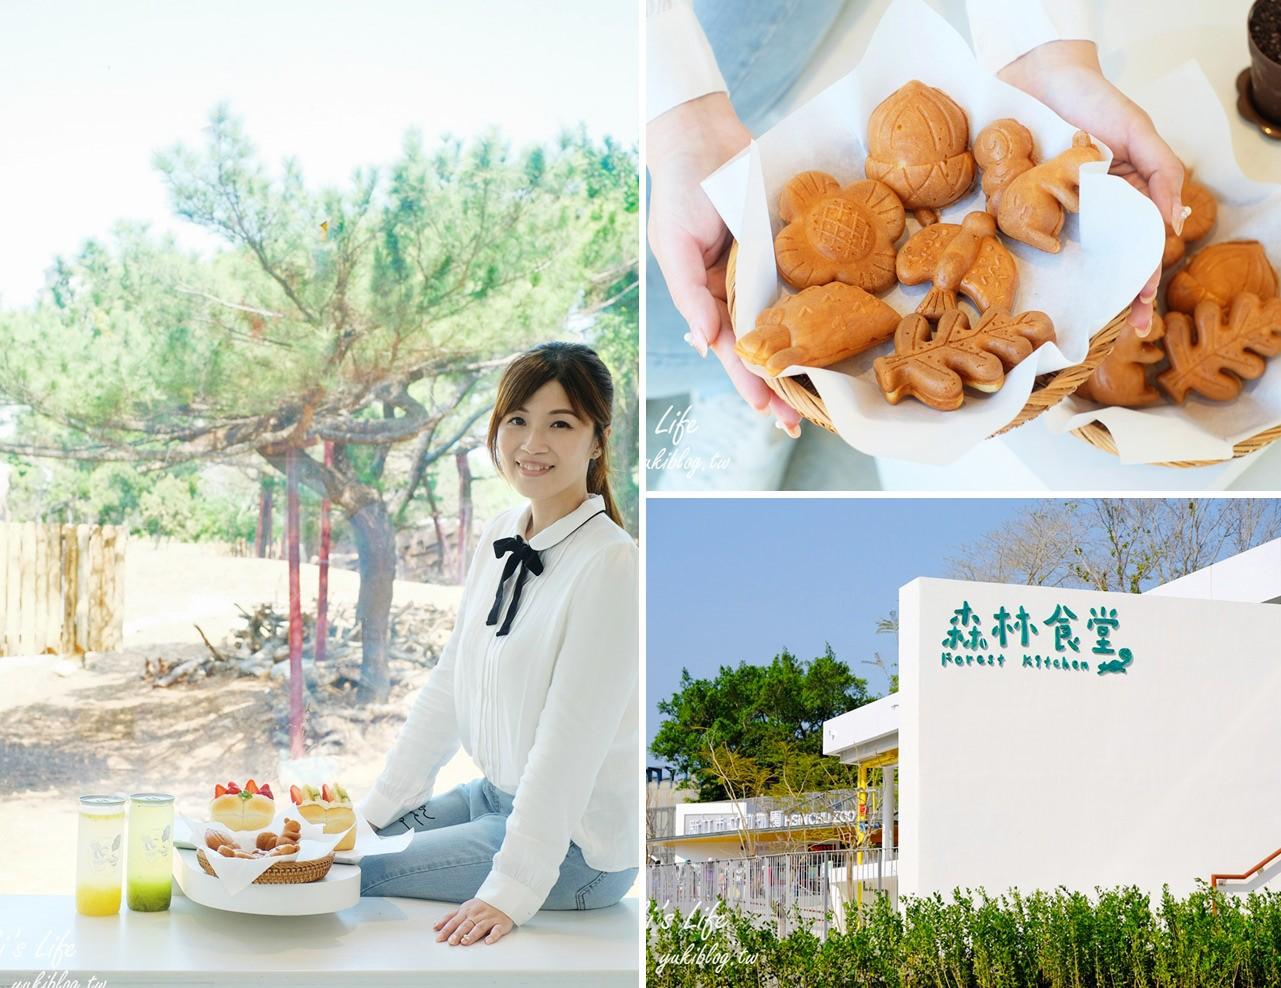 新竹美食【森林食堂】小動物松鼠雞蛋糕×吃美食看動物~親子友善餐廳也適合約會美拍 - yukiblog.tw